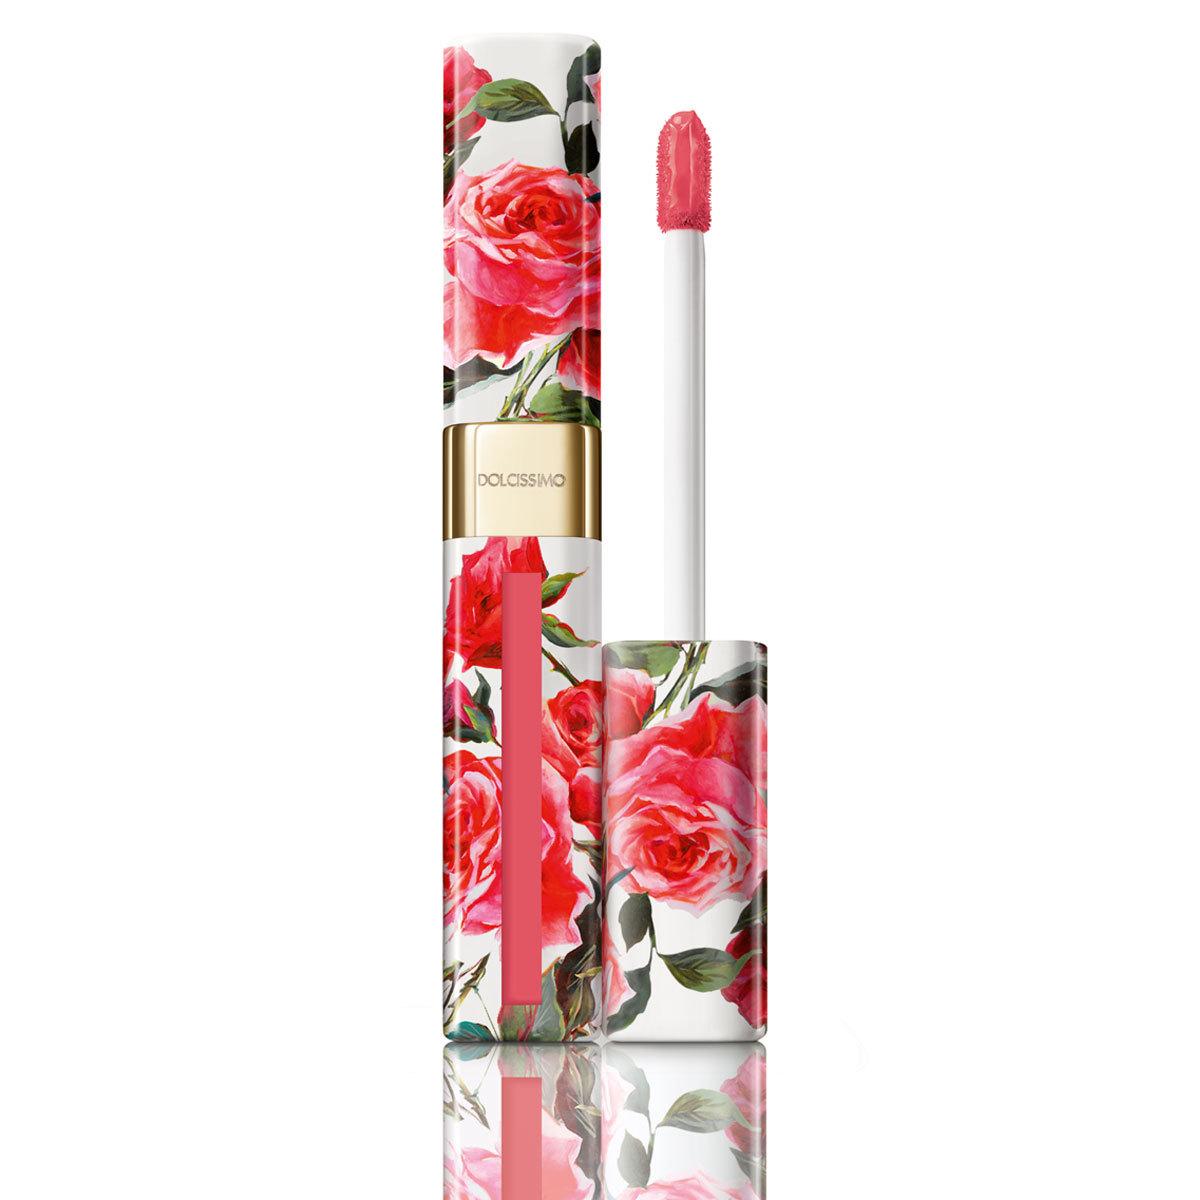 Pintalabios Dolcissimo Candy 17 de Dolce & Gabbana.